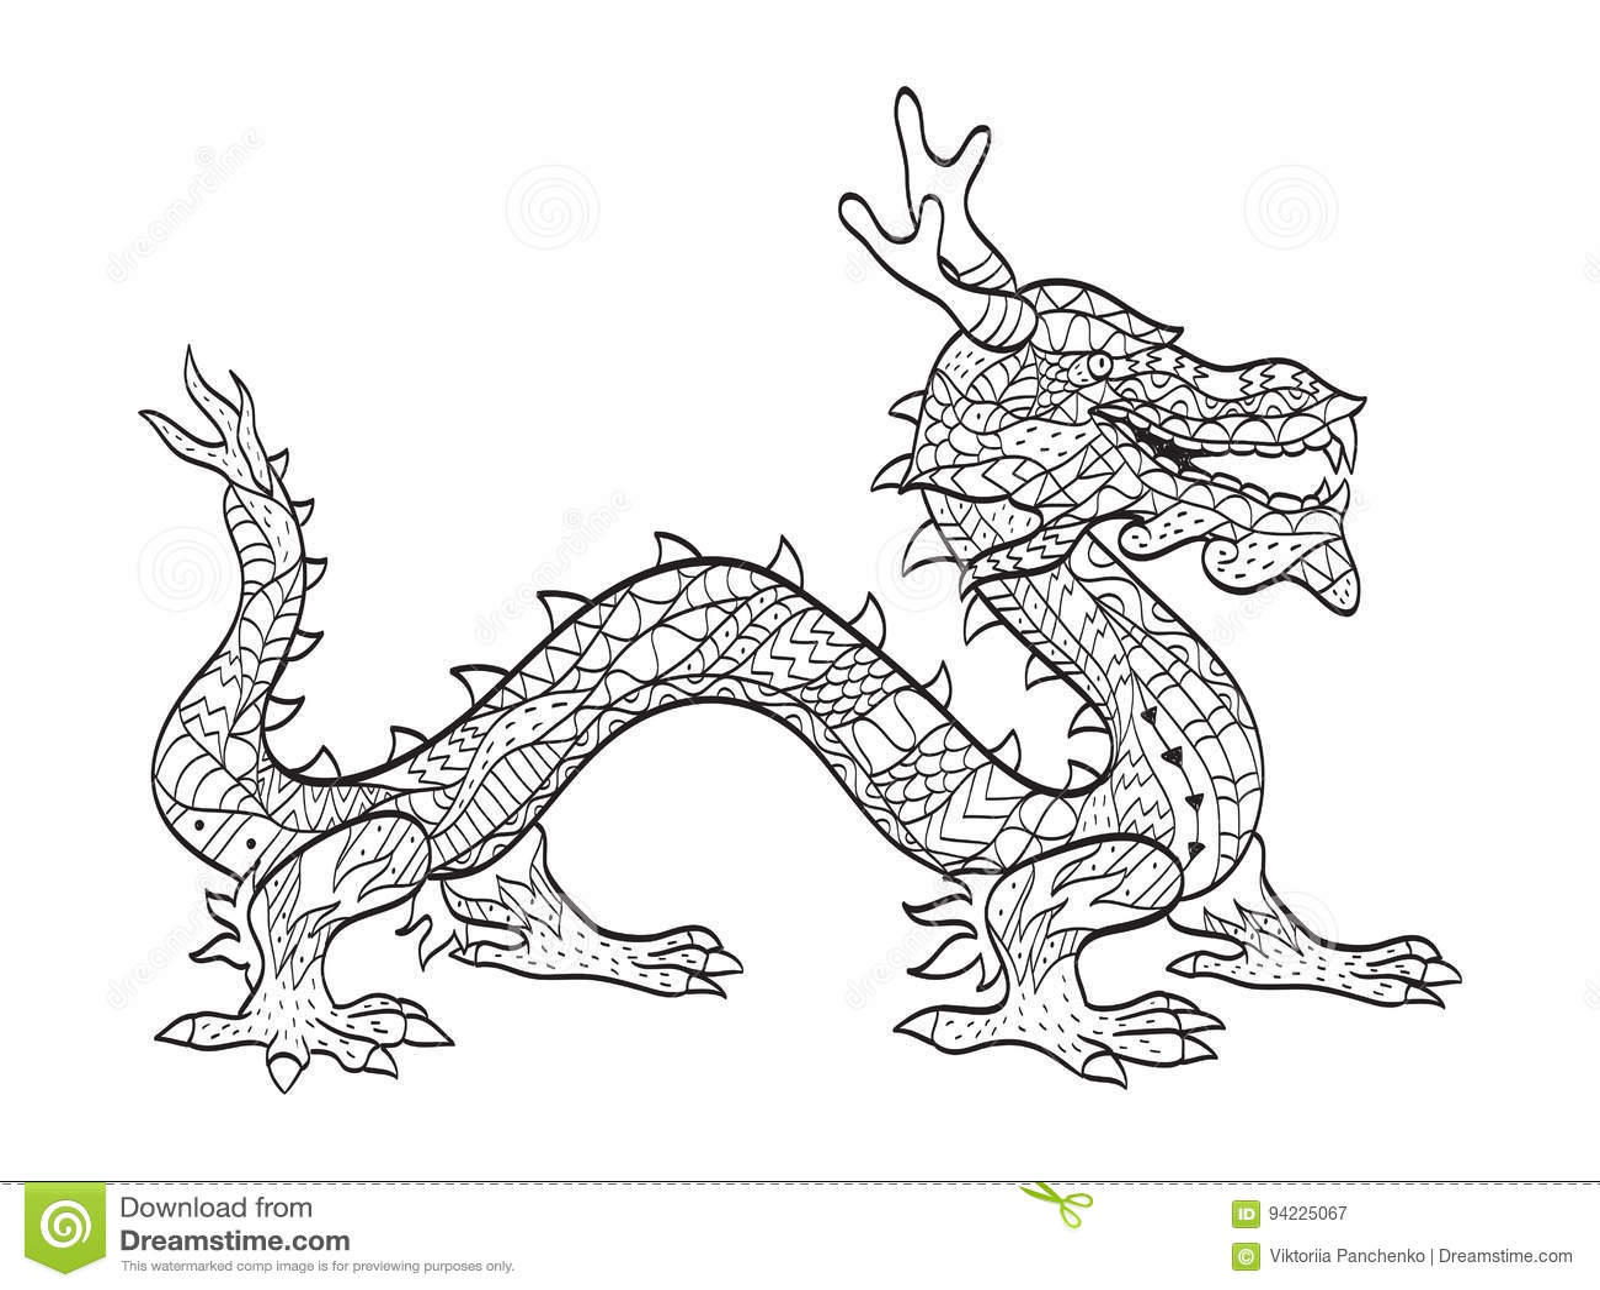 Contemporáneo Desafiante Dragón Para Colorear Ilustración - Dibujos ...